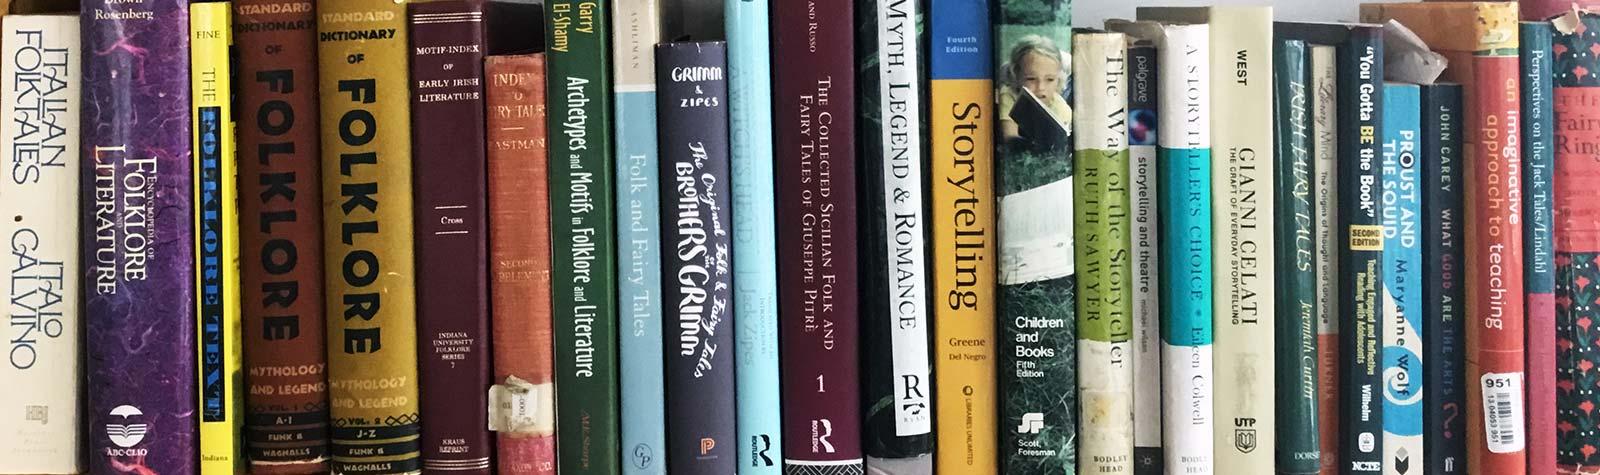 Bookshelf 2 banner